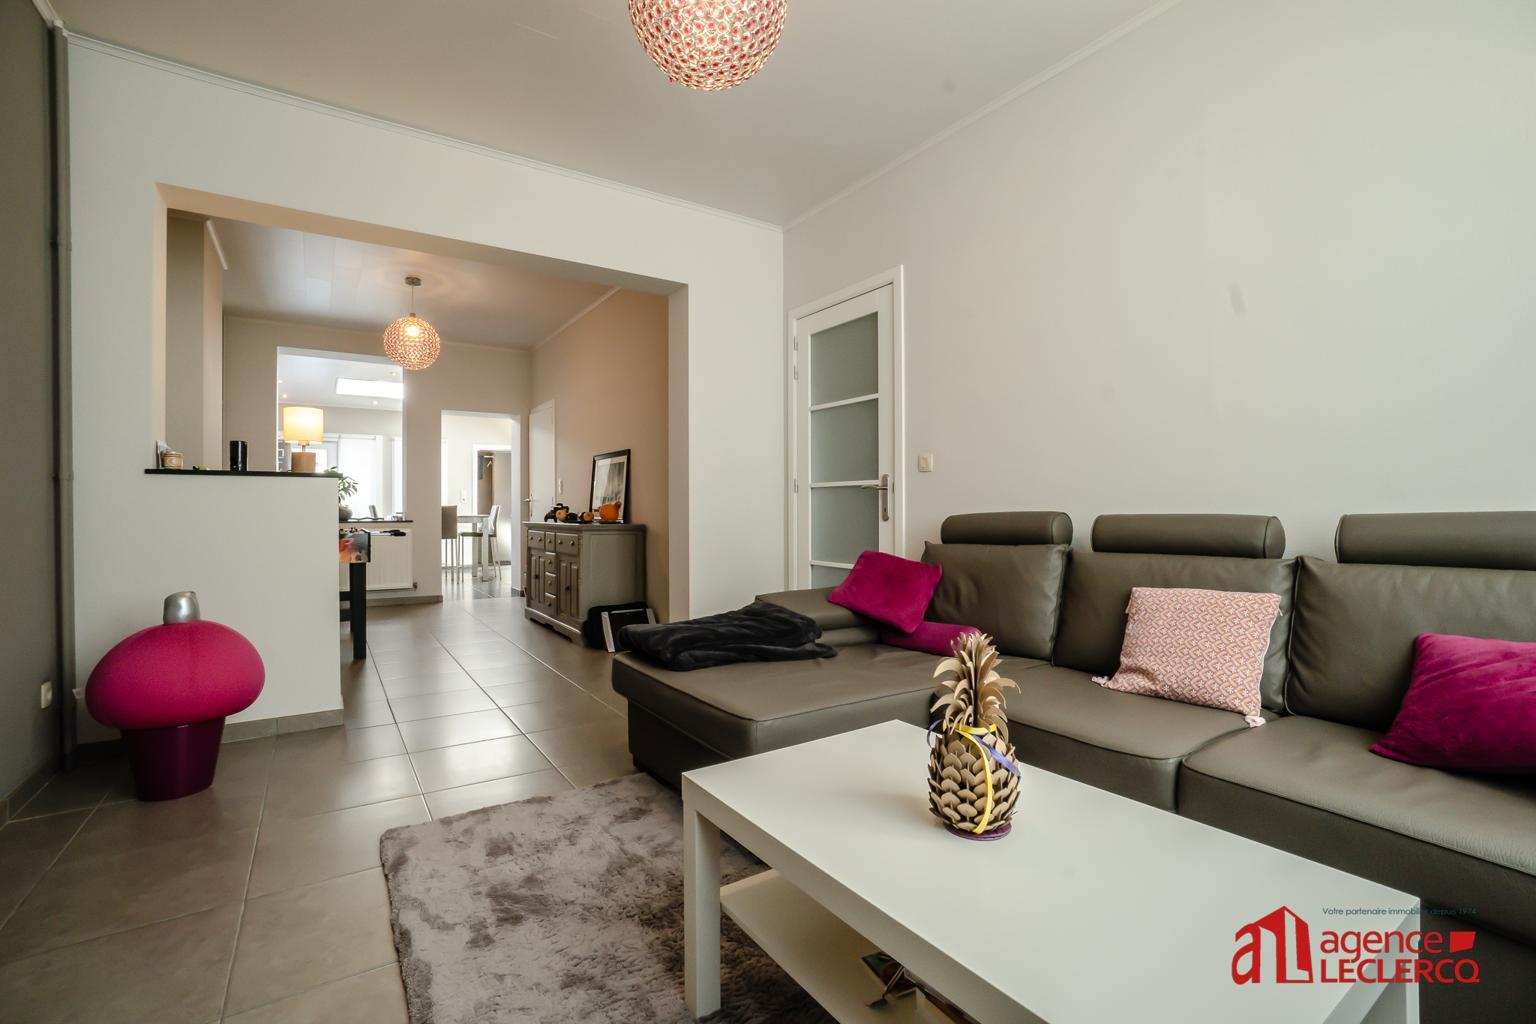 Maison - Tournai - #4518420-3